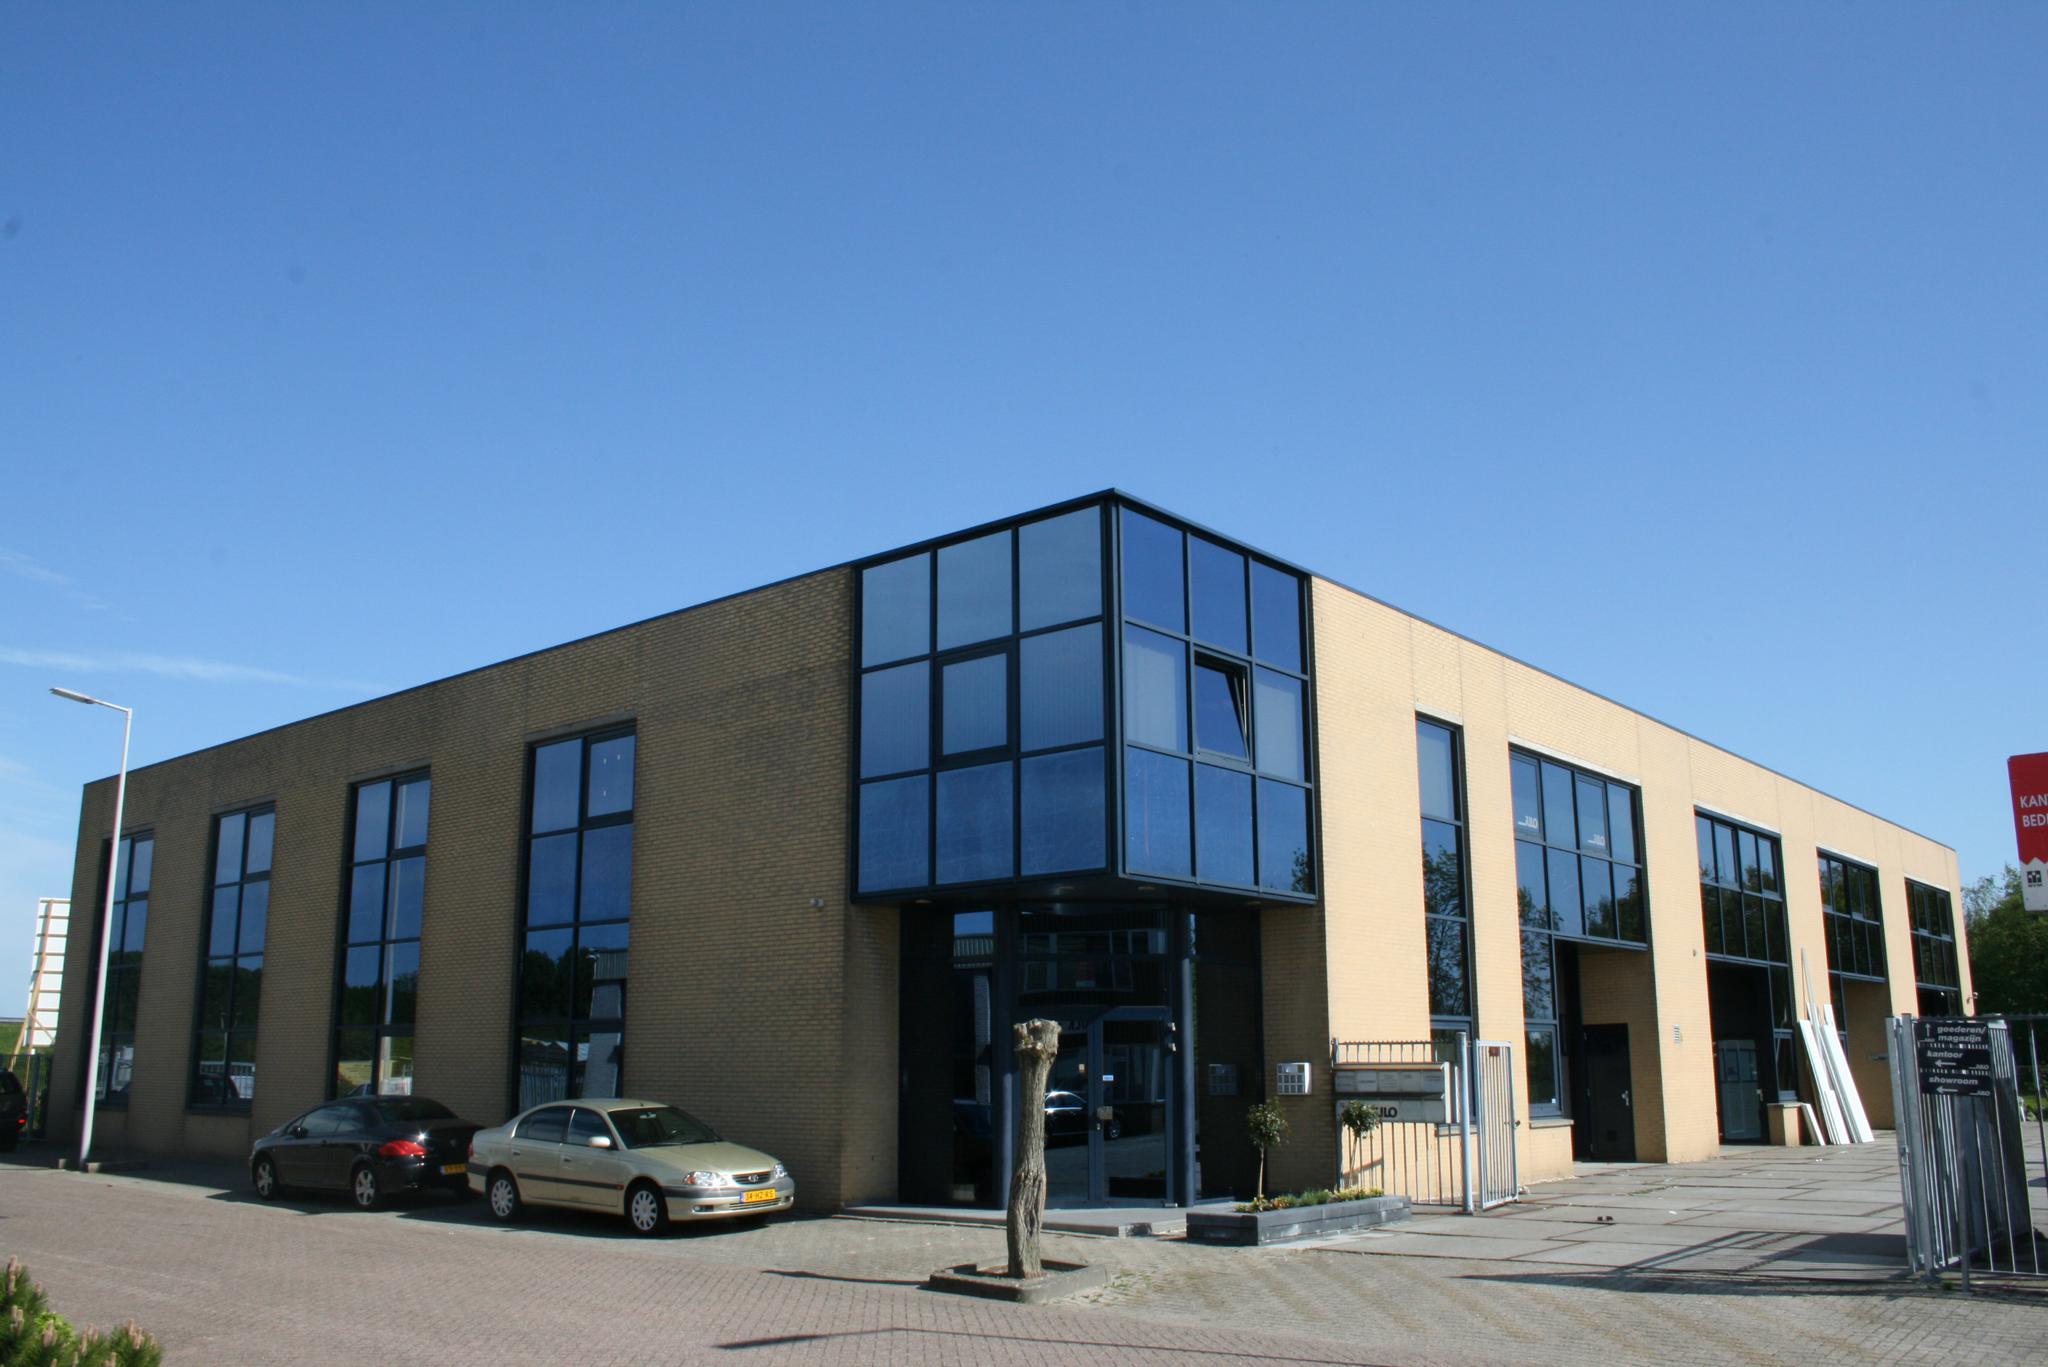 Garage Huren Almere : Bedrijfspand te huur in amsterdam kantoor huren almere